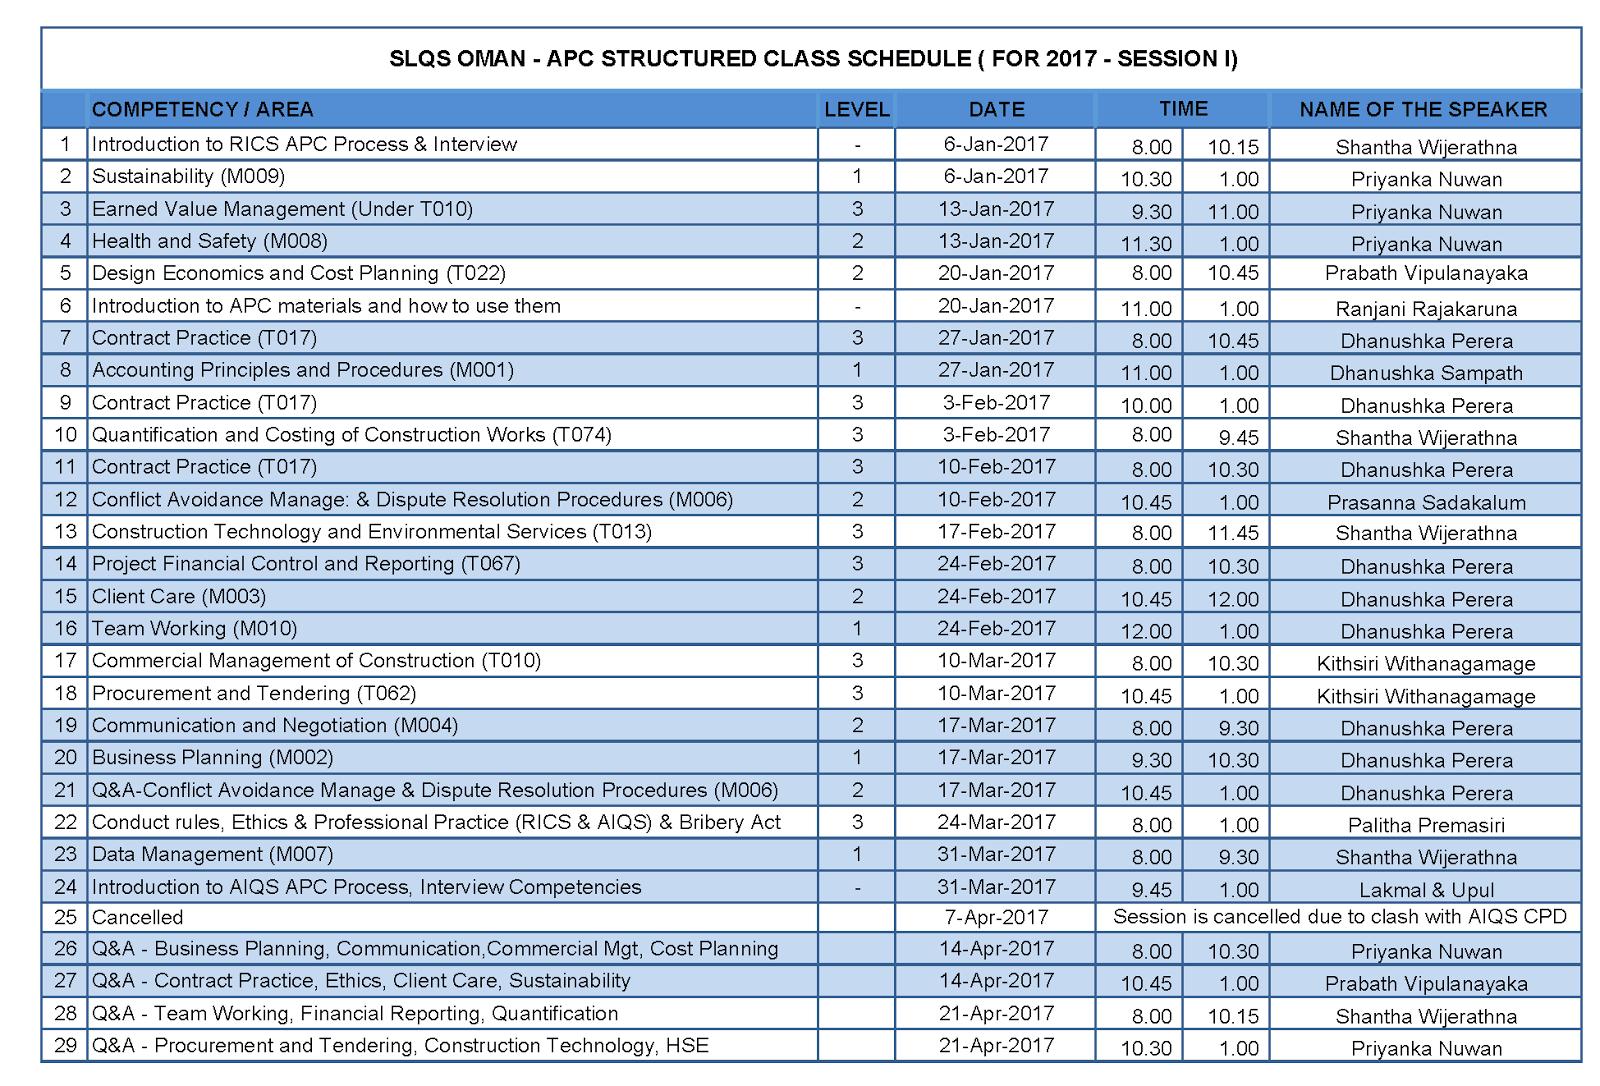 apc-class-schedule-2017